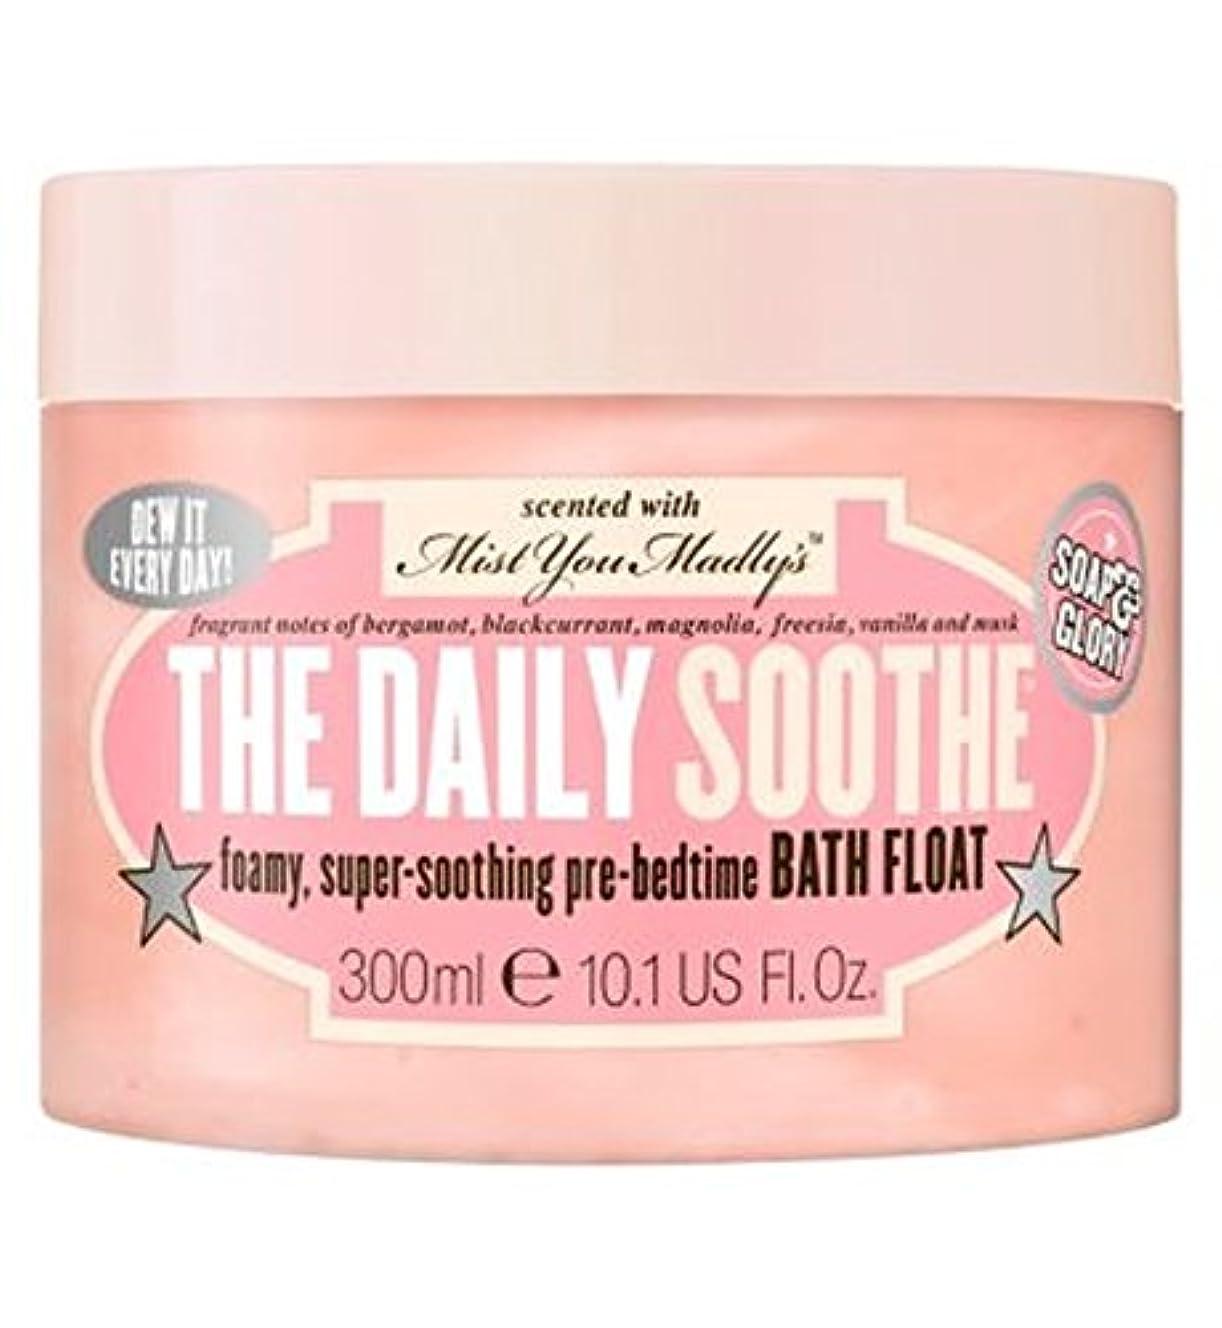 認可対人世界的にSoap & Glory The Daily Soothe Bath Float - 石鹸&栄光毎日癒すバスフロート (Soap & Glory) [並行輸入品]